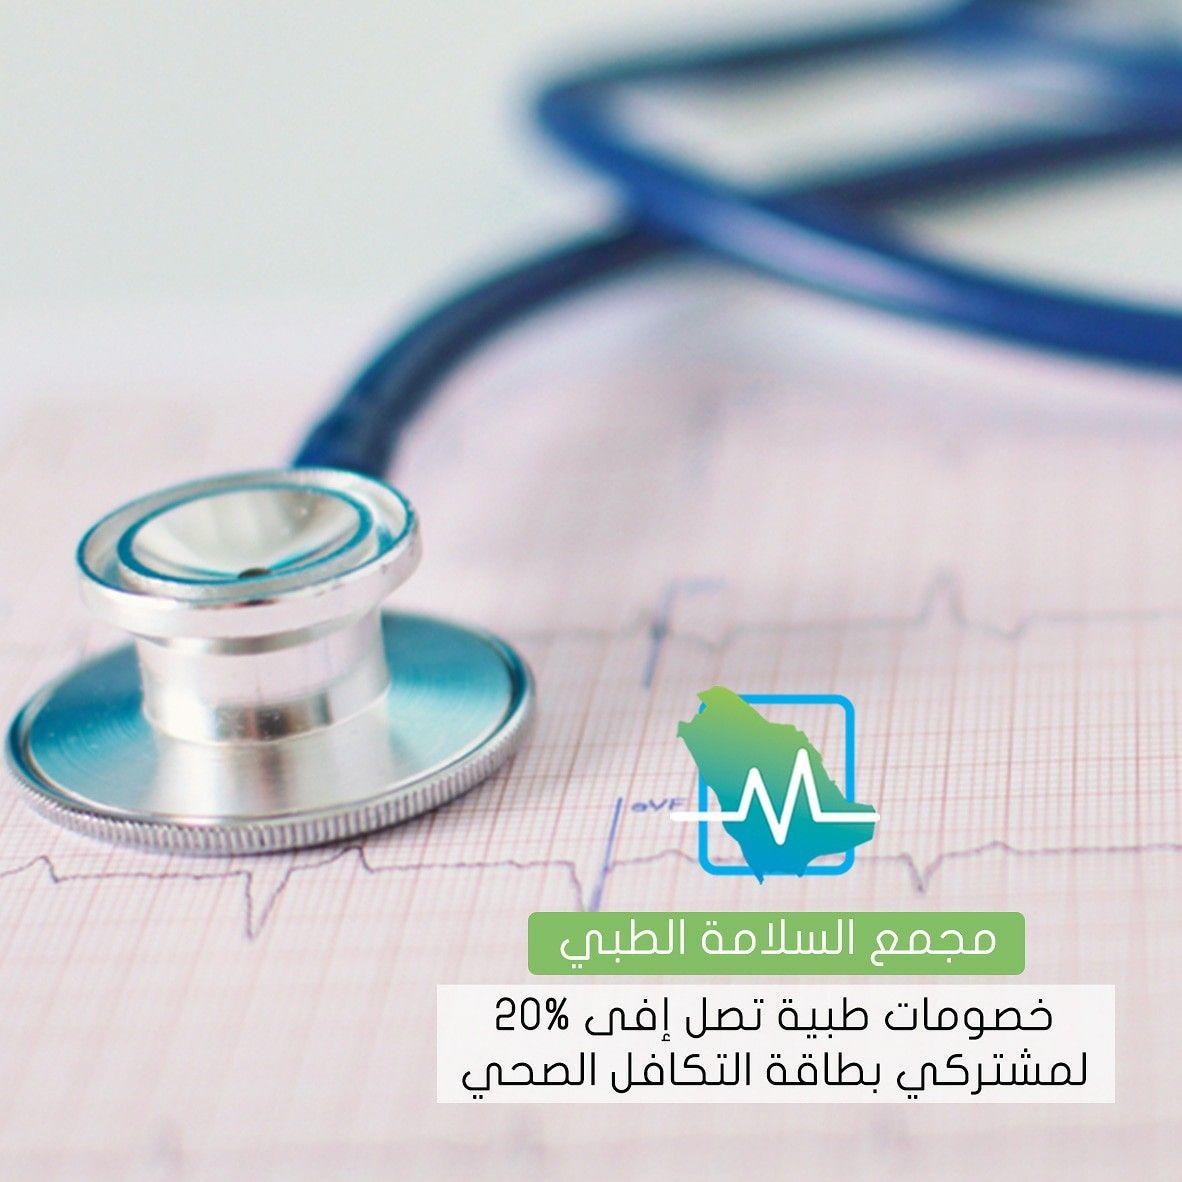 أصبح بإمكانك تلقي أفضل الخدمات الطبية في مجمع السلامة الطبي بخصومات طبية تصل إفى 20 على بطاقة التكافل الصحي صحة طب علا Health Insurance Electronic Products